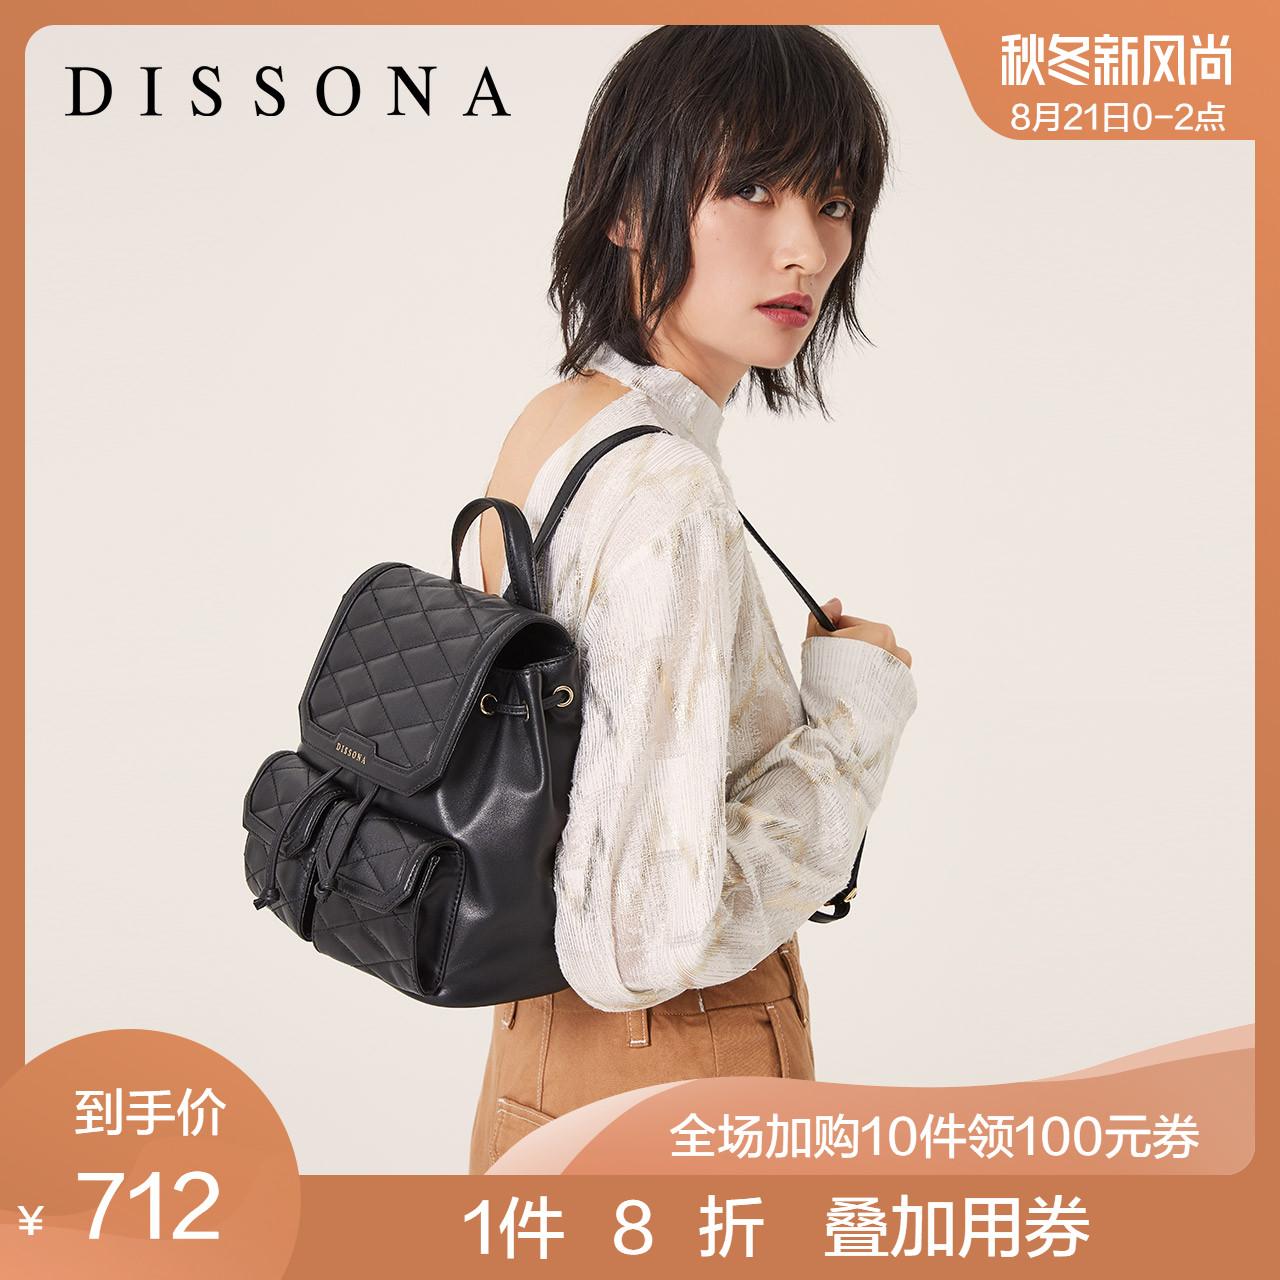 DISSONA迪桑娜包包女包旅行雙肩包 時尚書包牛皮小揹包菱格小包潮